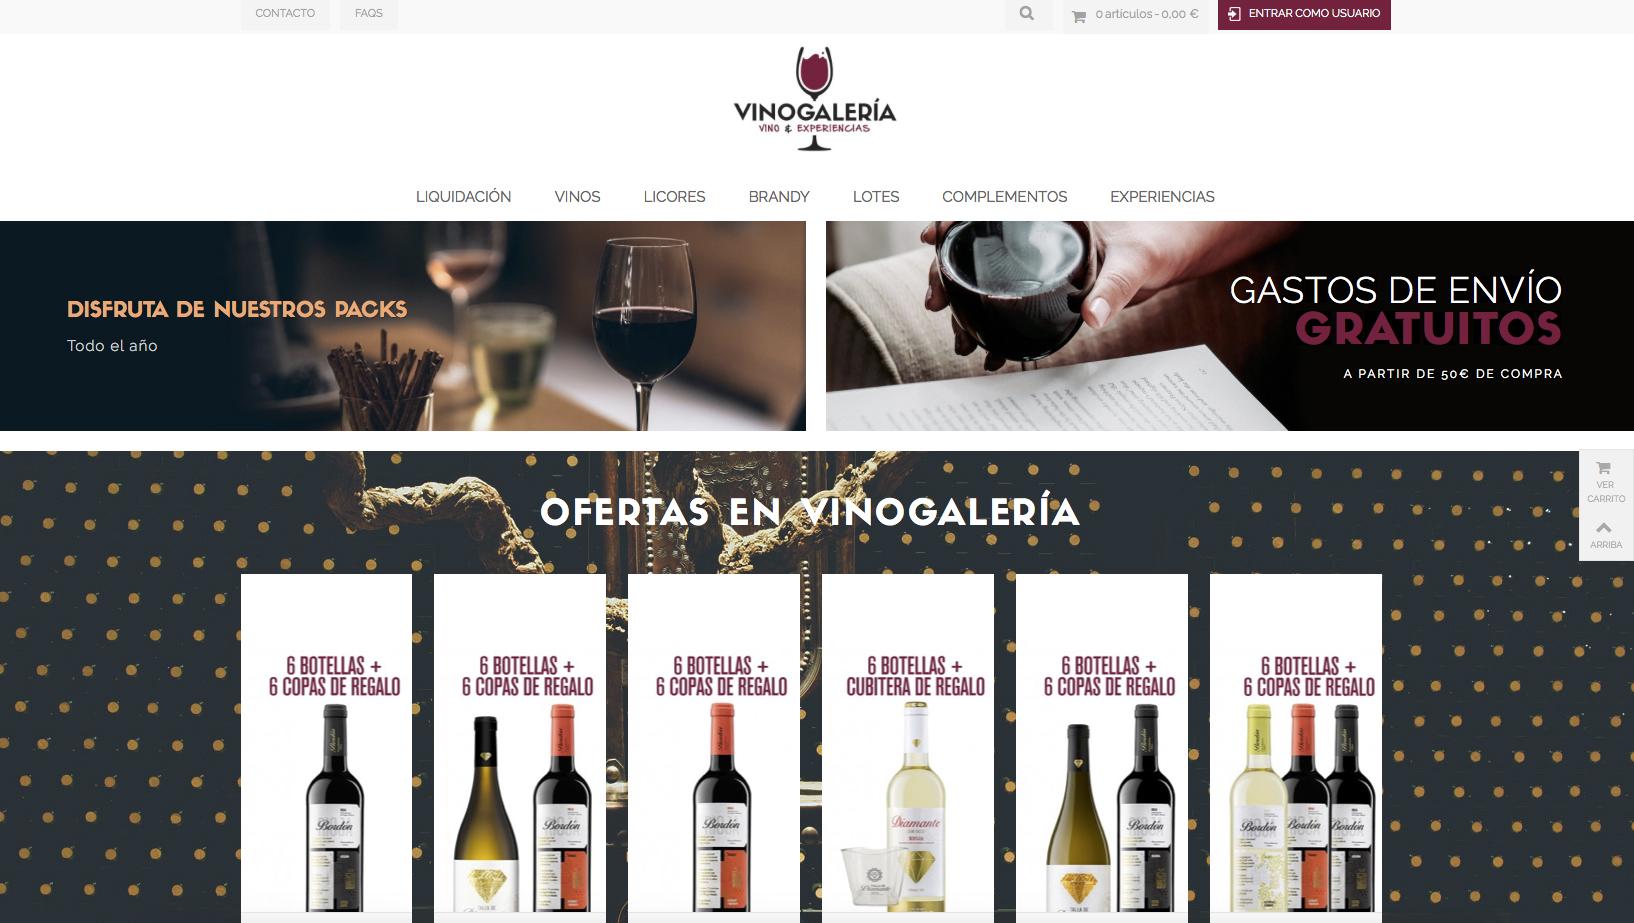 Vinogalería, Bodegas Franco Españolas